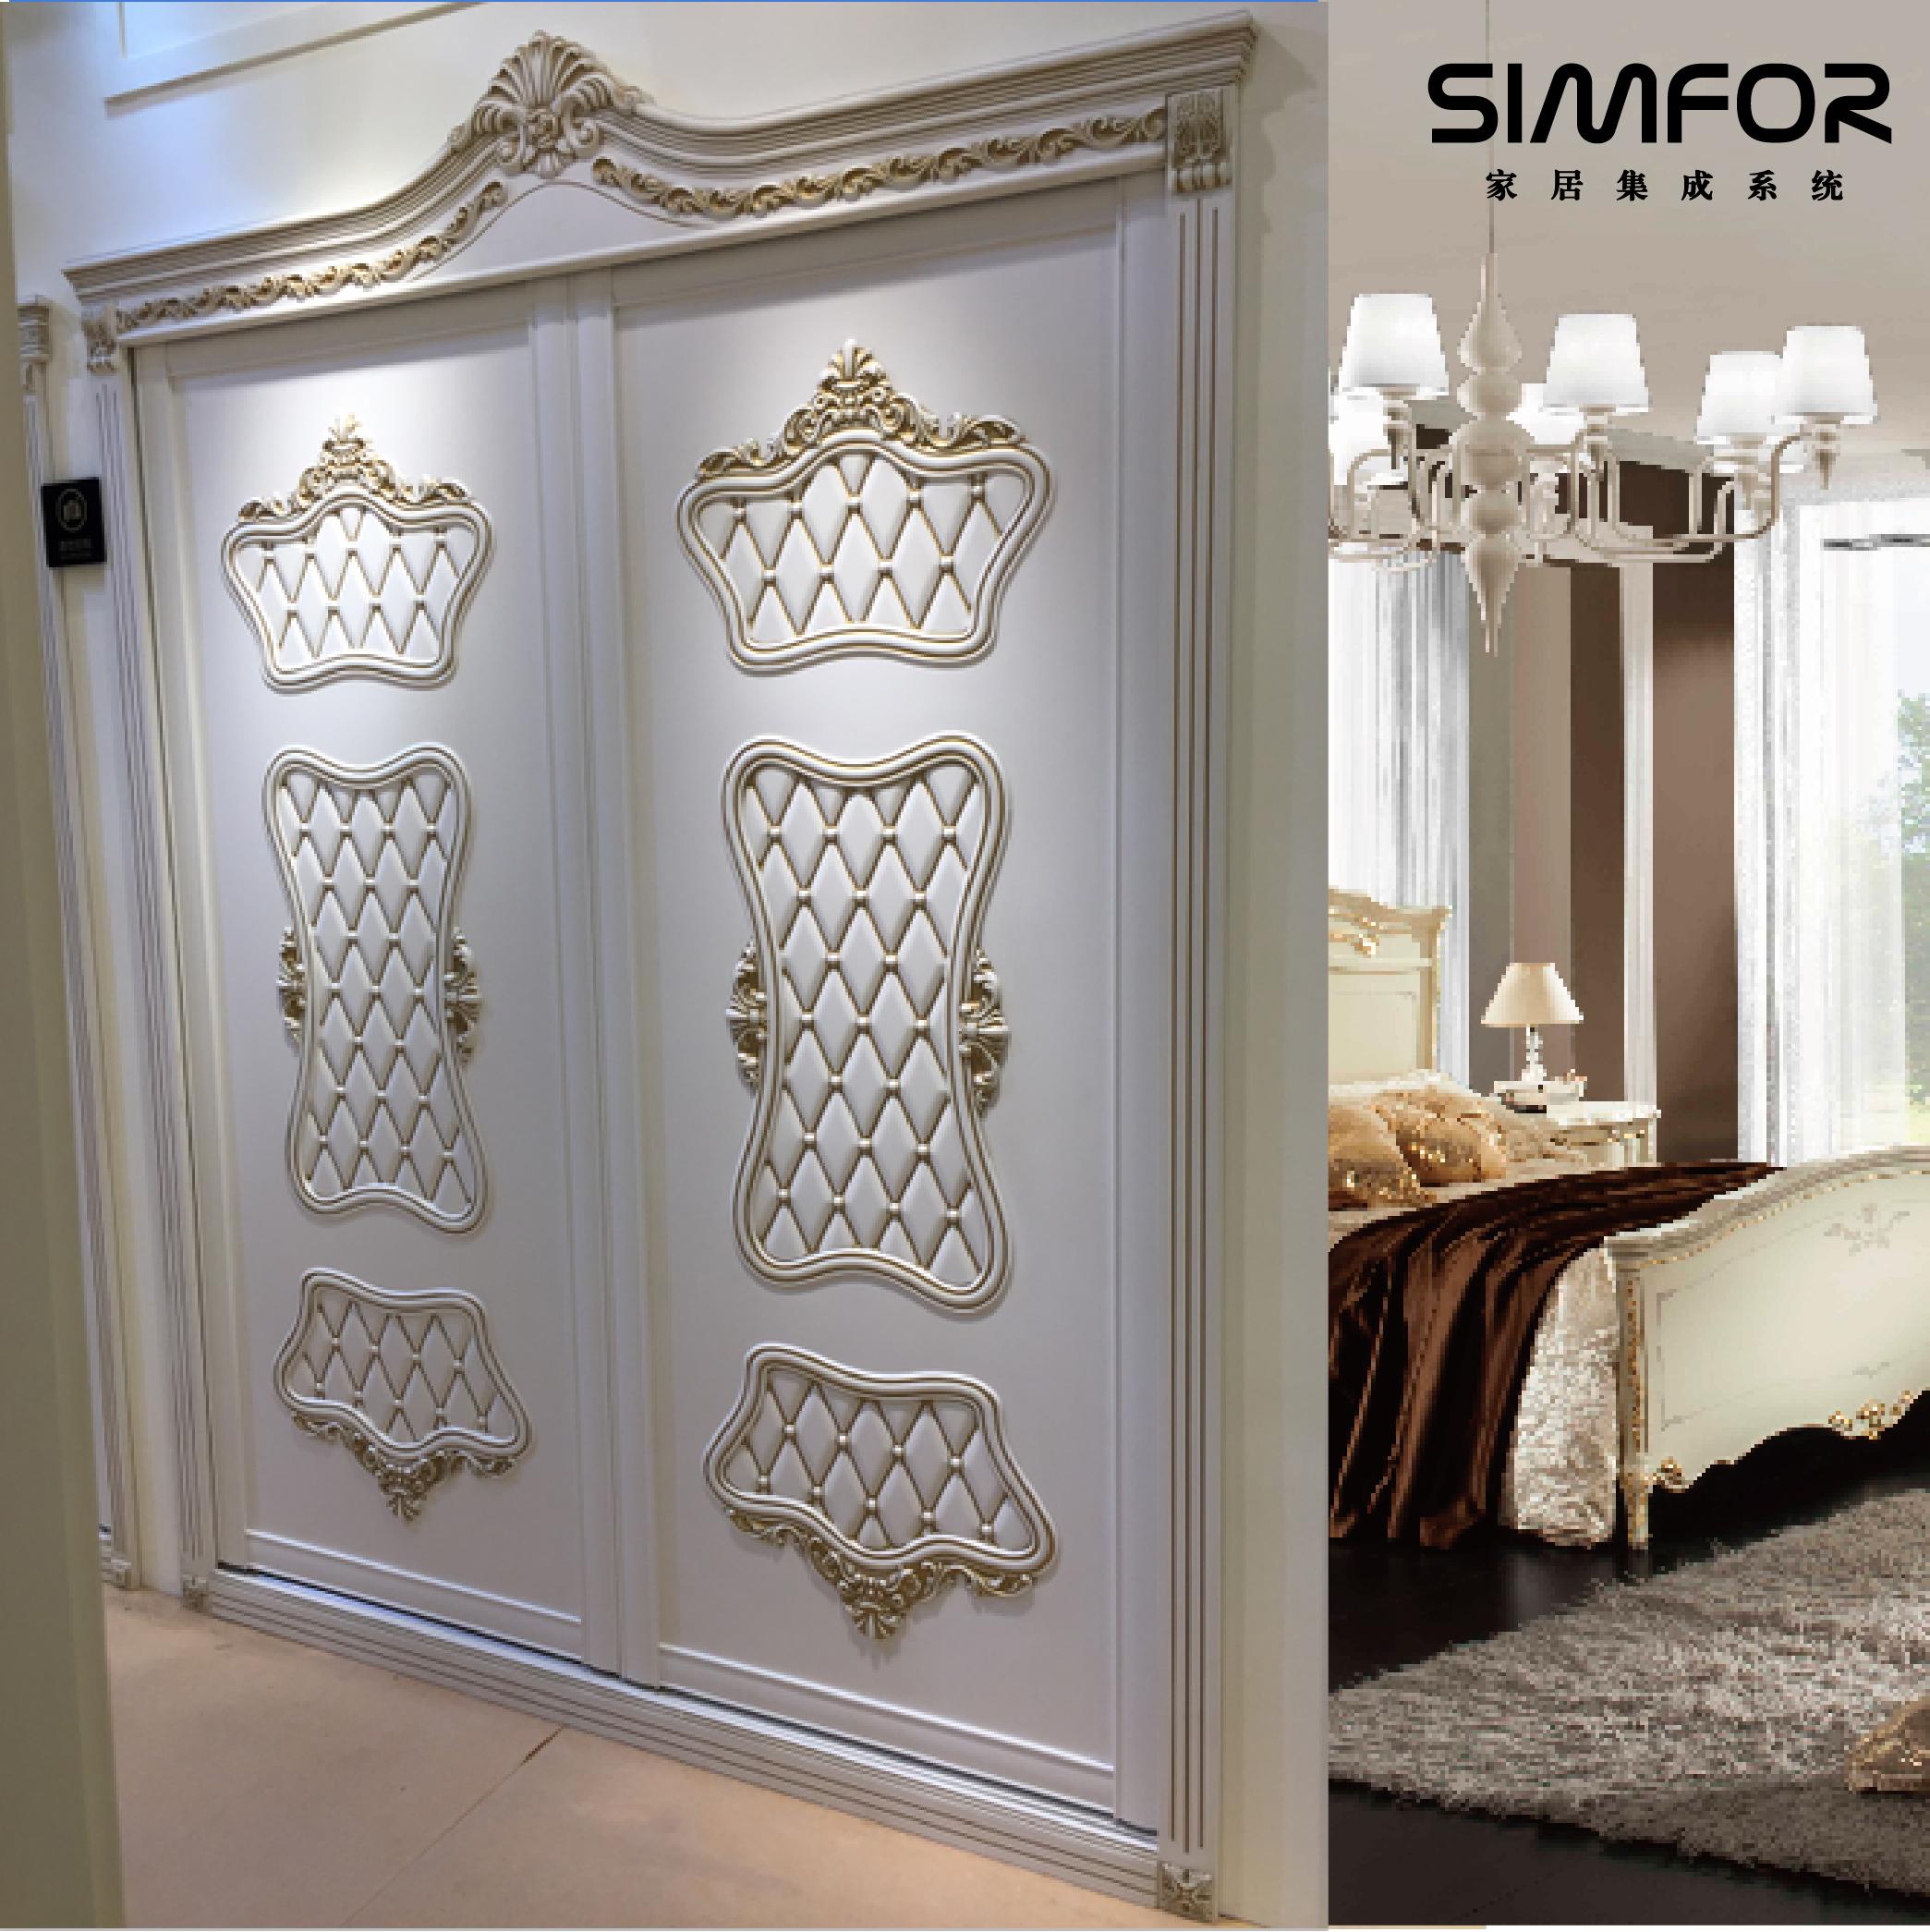 Европейская смена дверь гардероб дверь Пользовательские резные мягкие пакет Алмазный инкрустированный шкаф дверь